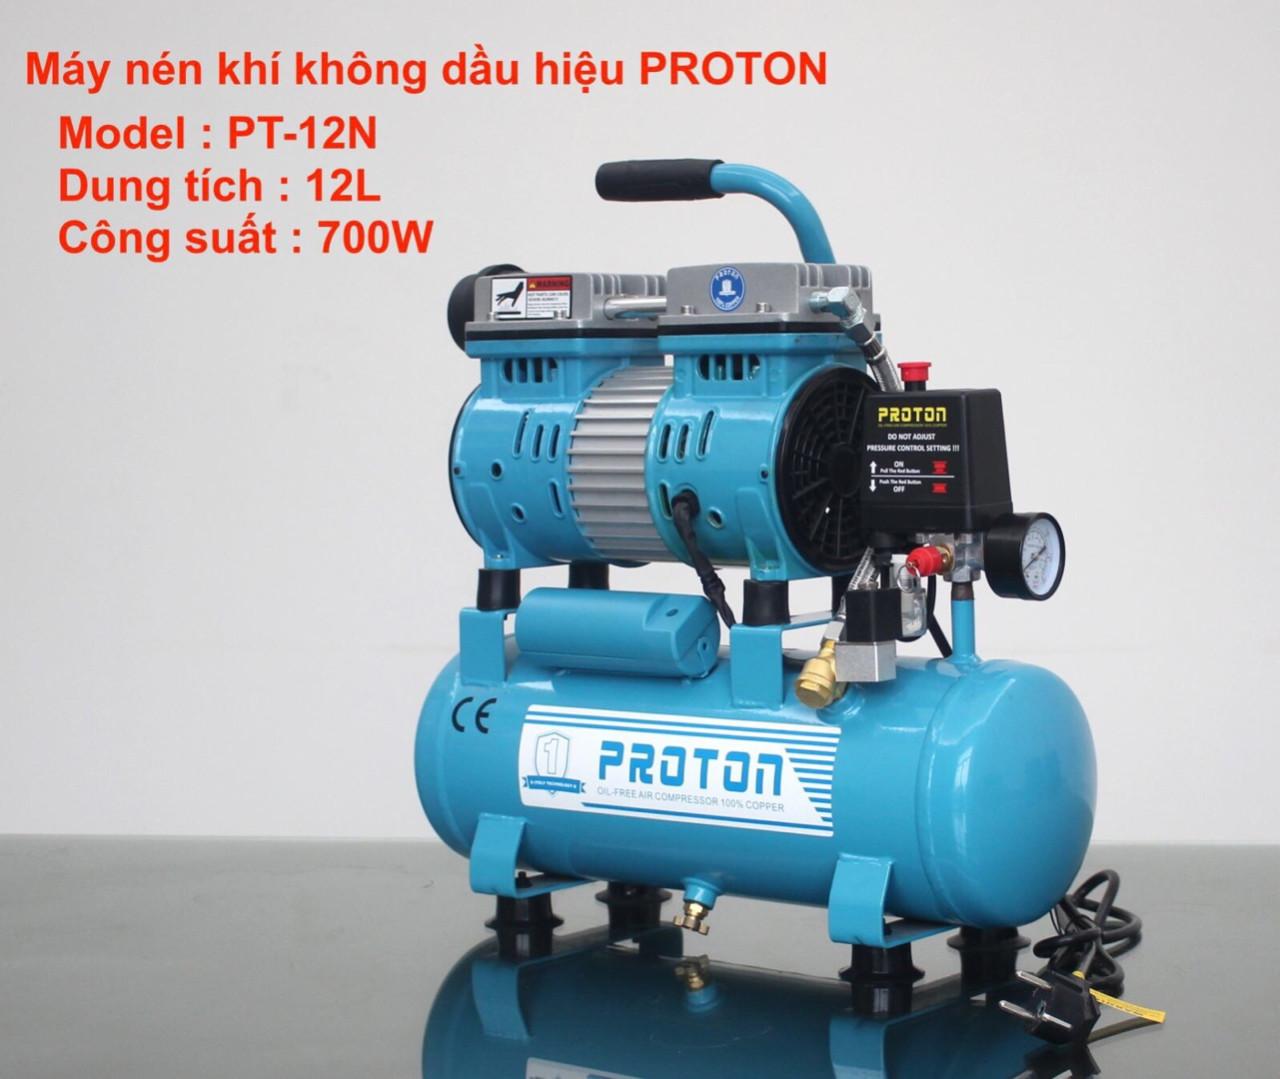 Máy nén khí không dầu PROTON 12 lít